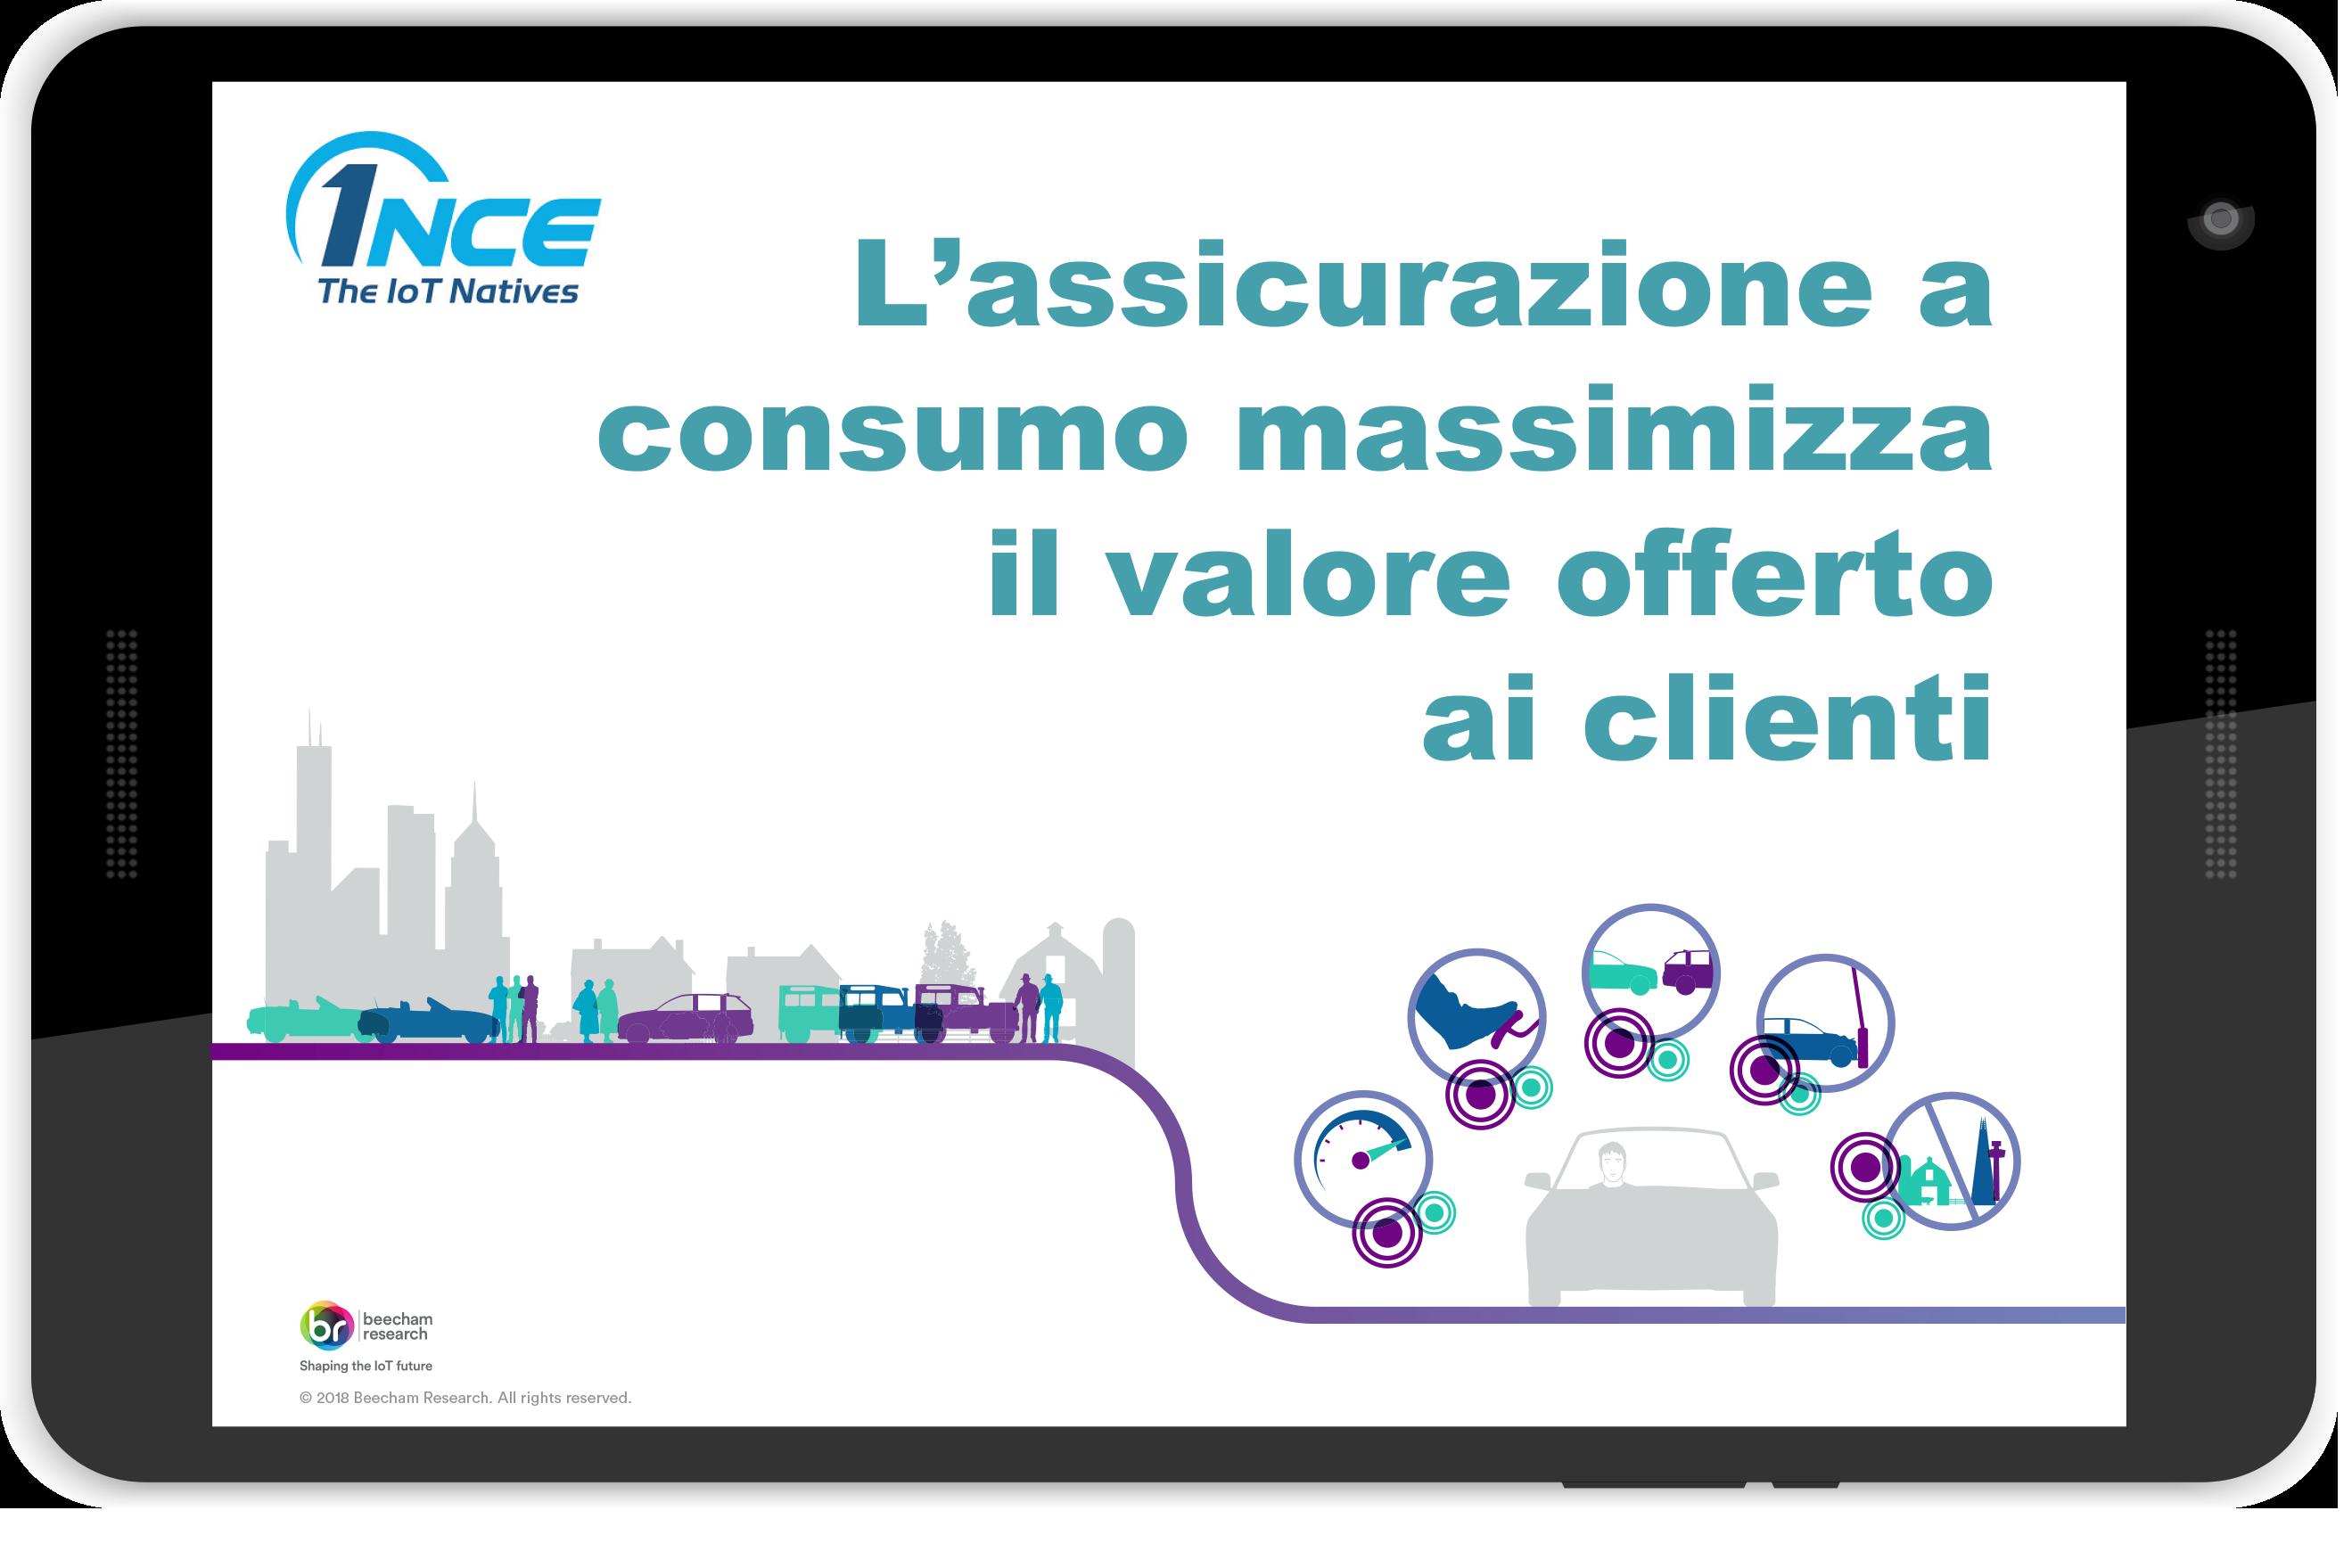 L assicurazione a consumo massimizza il valore offerto ai clienti